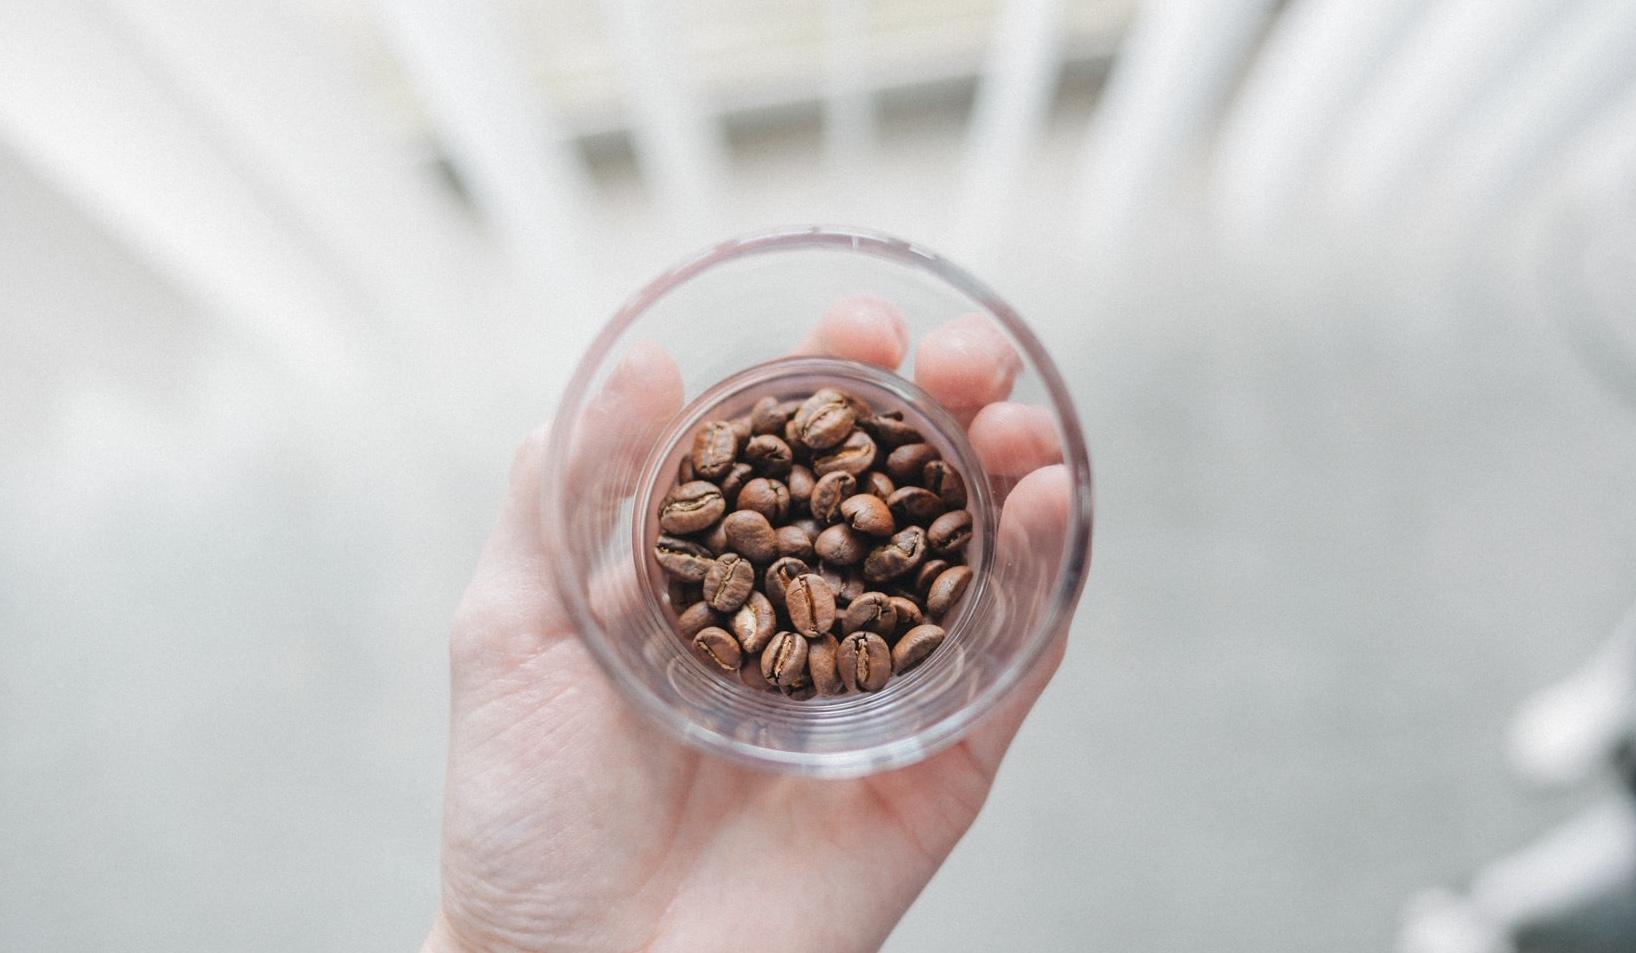 コーヒー豆の販売に許可?やり方は? まとめ